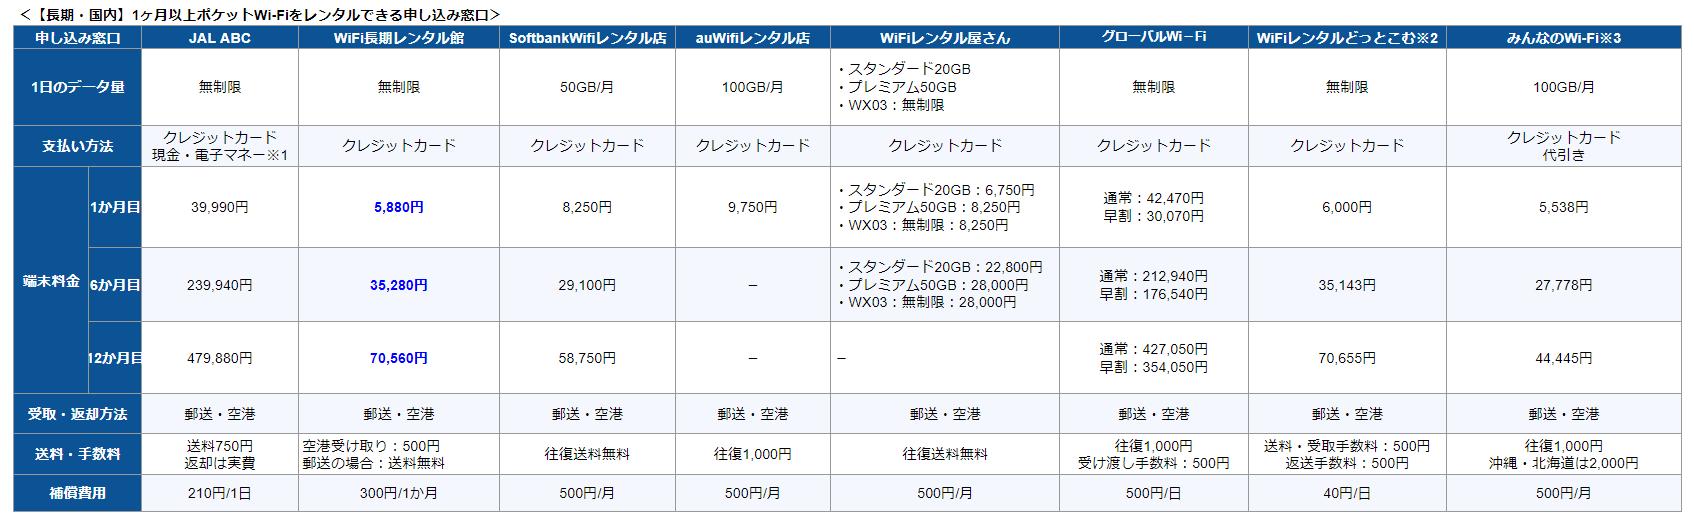 【長期・国内】1ヶ月以上ポケットWi-Fiをレンタルできる申し込み窓口比較